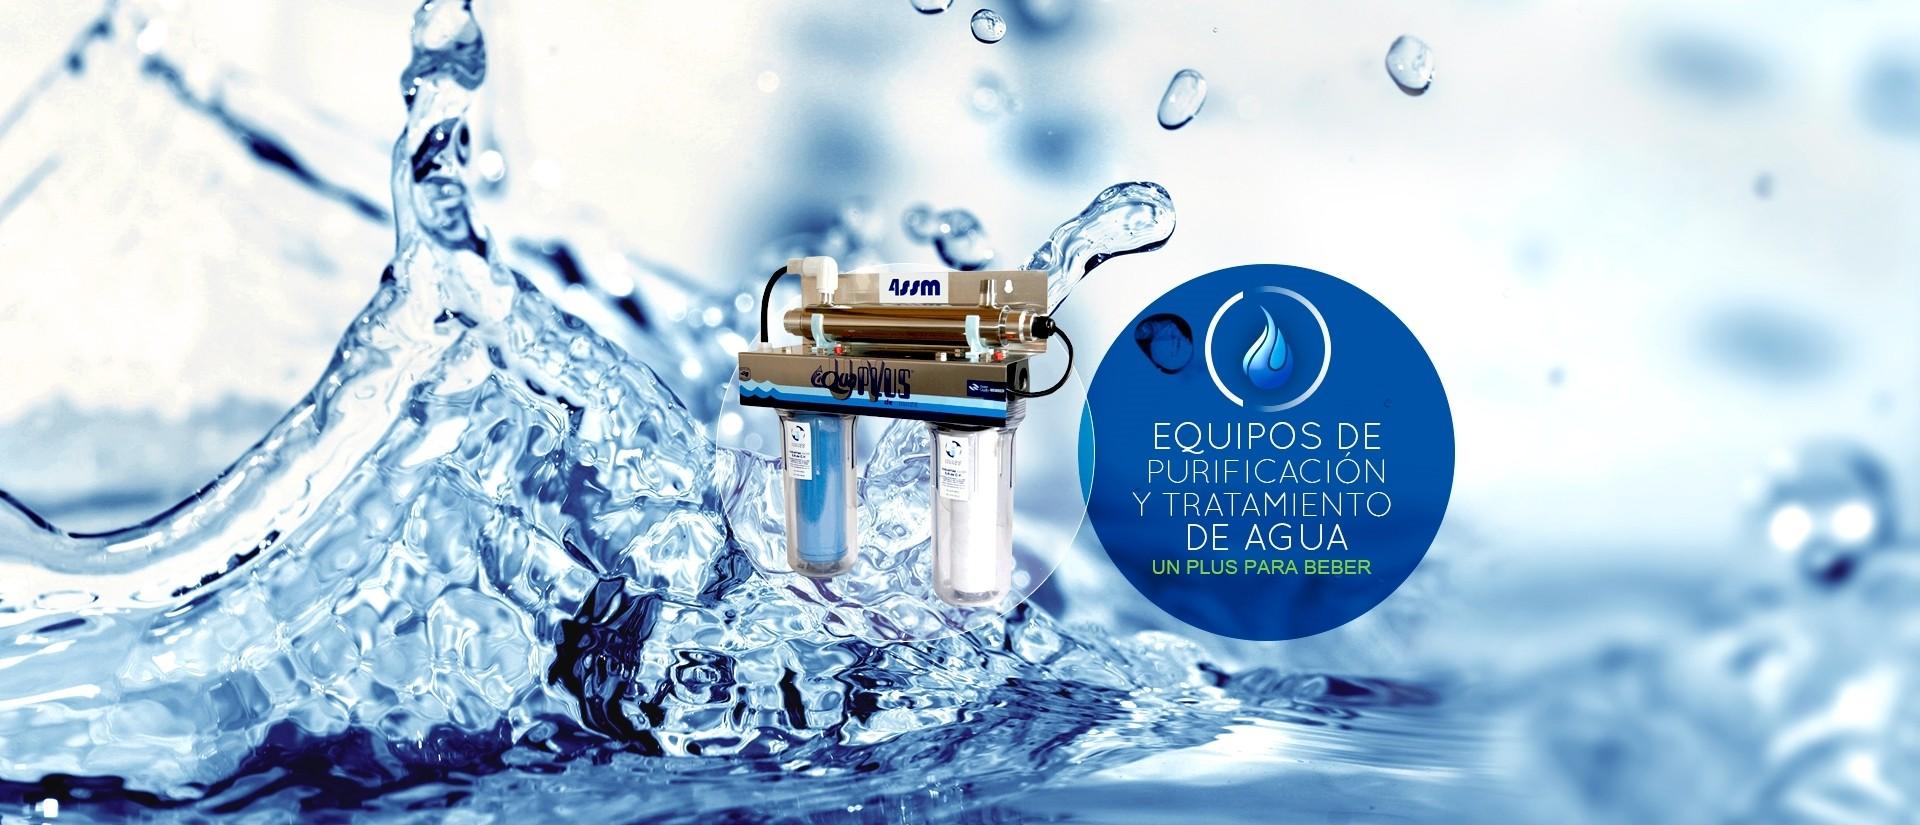 | Lista de Productos | Tratamiento para Agua AquaPlus de Mass | Industrias Mass SA de CV |